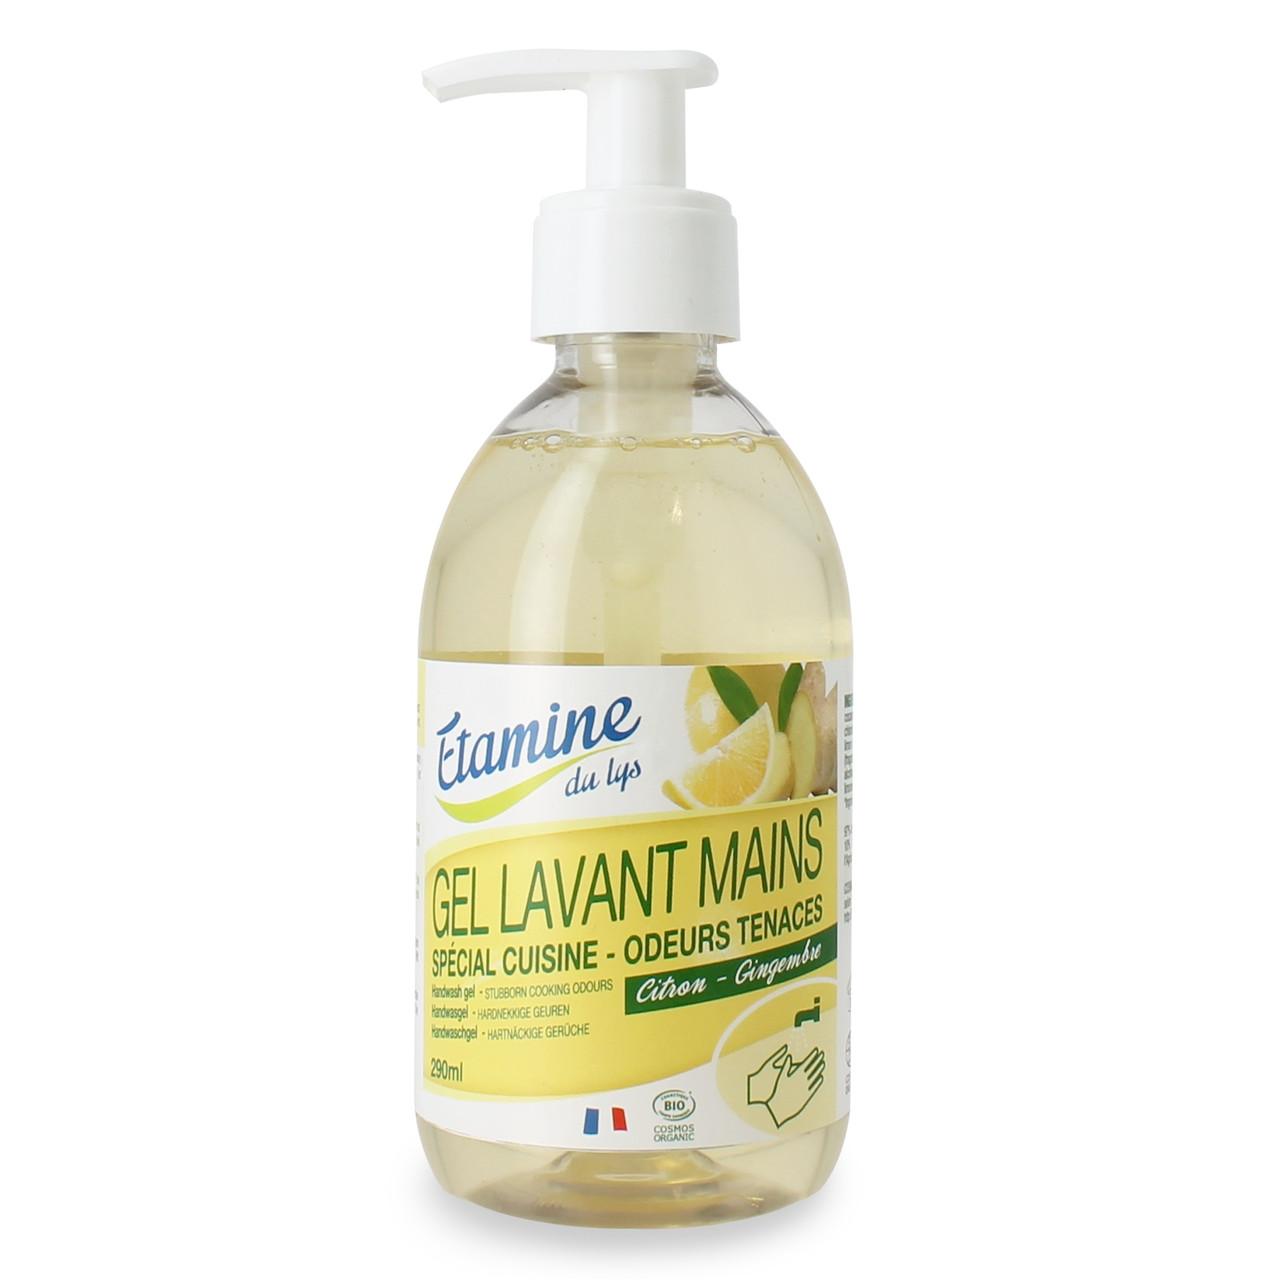 Гель для миття рук який усуває запахи після приготування їжі Etamine du Lys, 290 мл